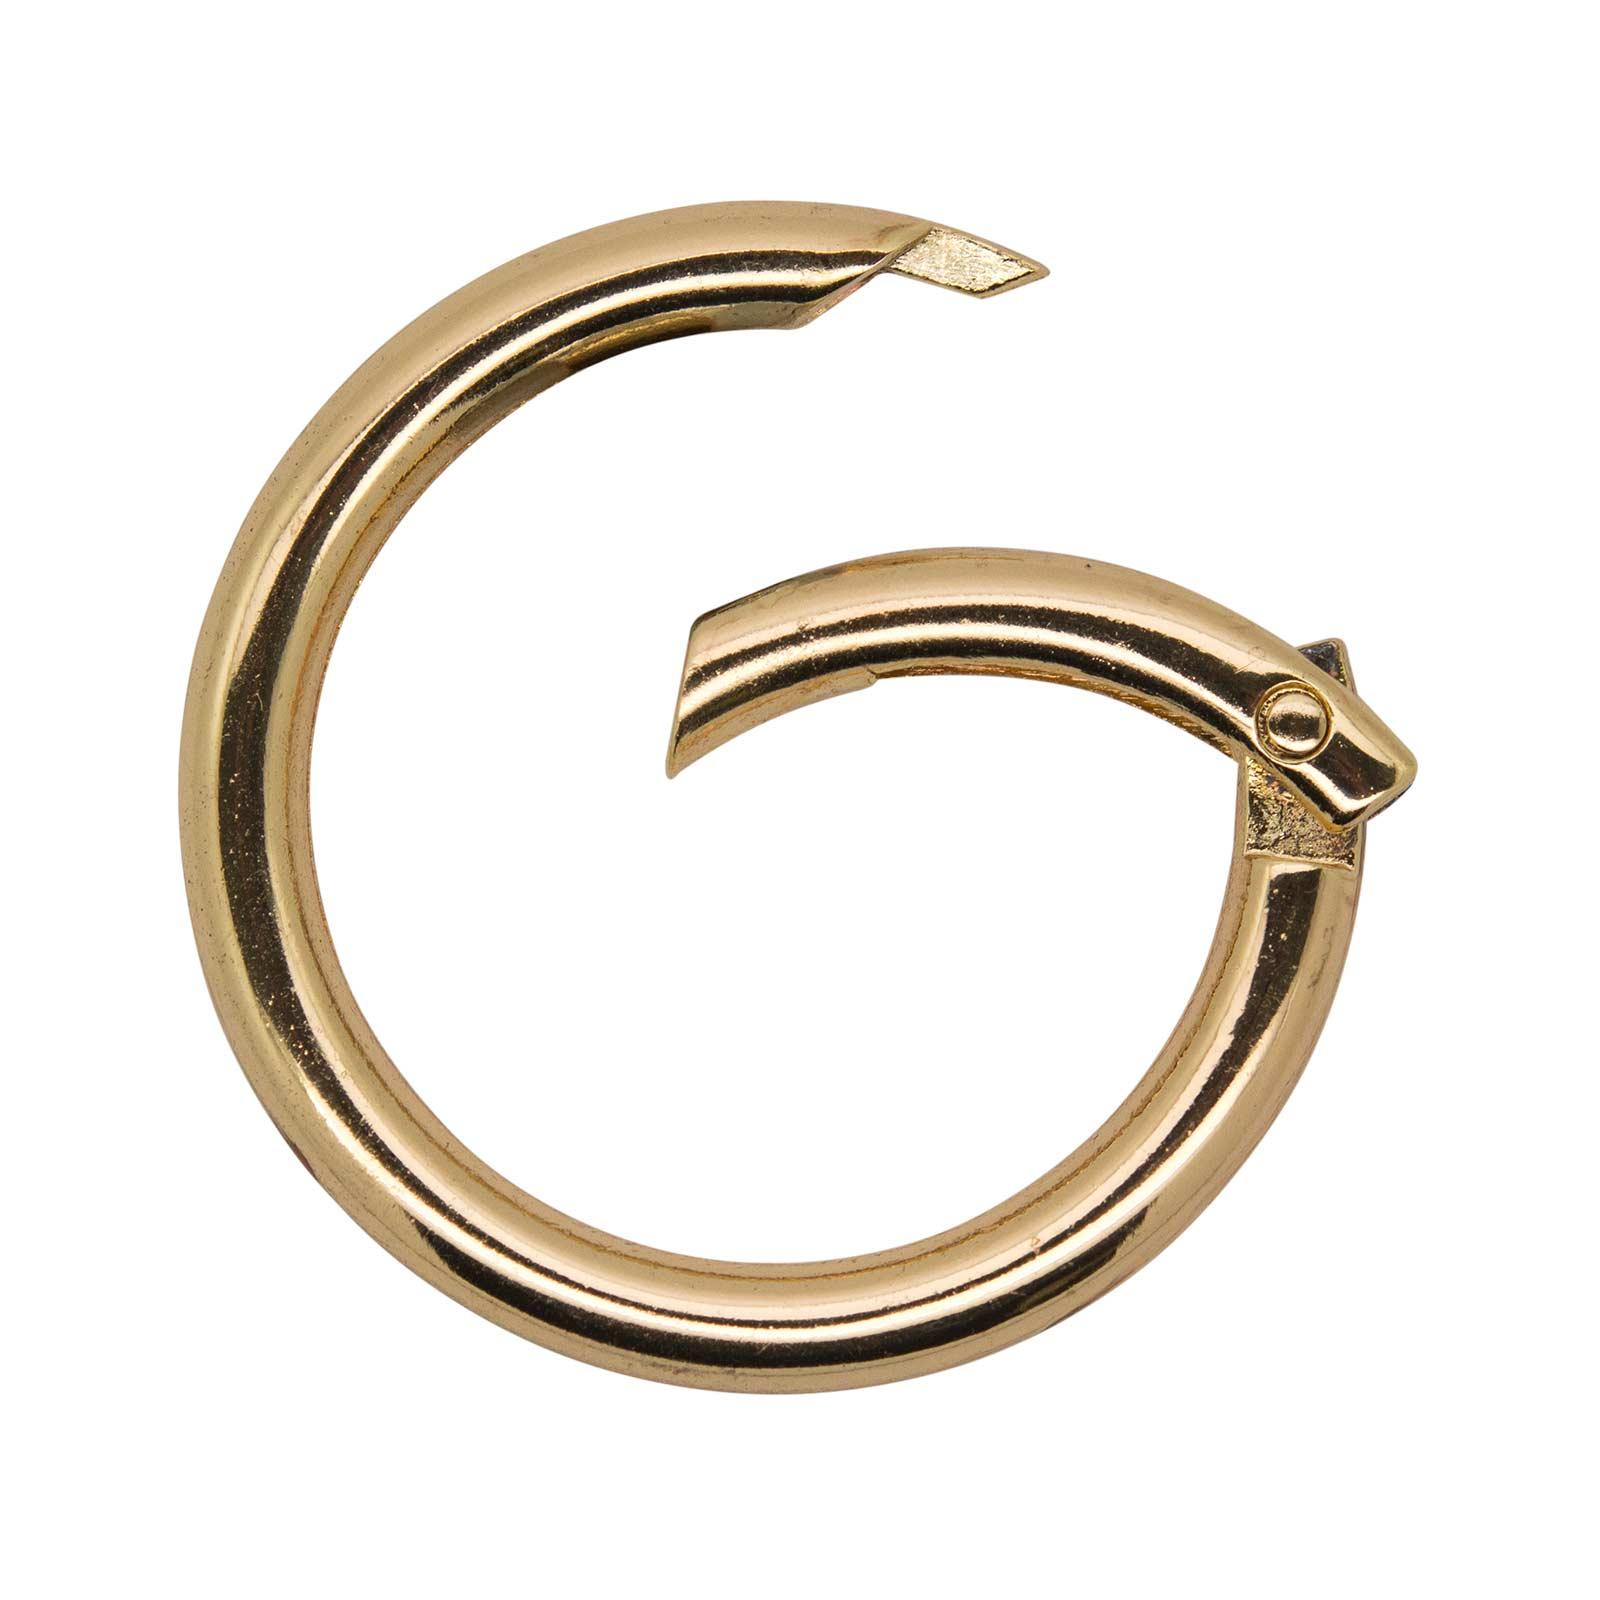 3 Ring-Karabiner Metall Karabinerhaken Schlüssel Verschluss Outdoor Tasche, Farbwahl Größenwahl – Bild 11